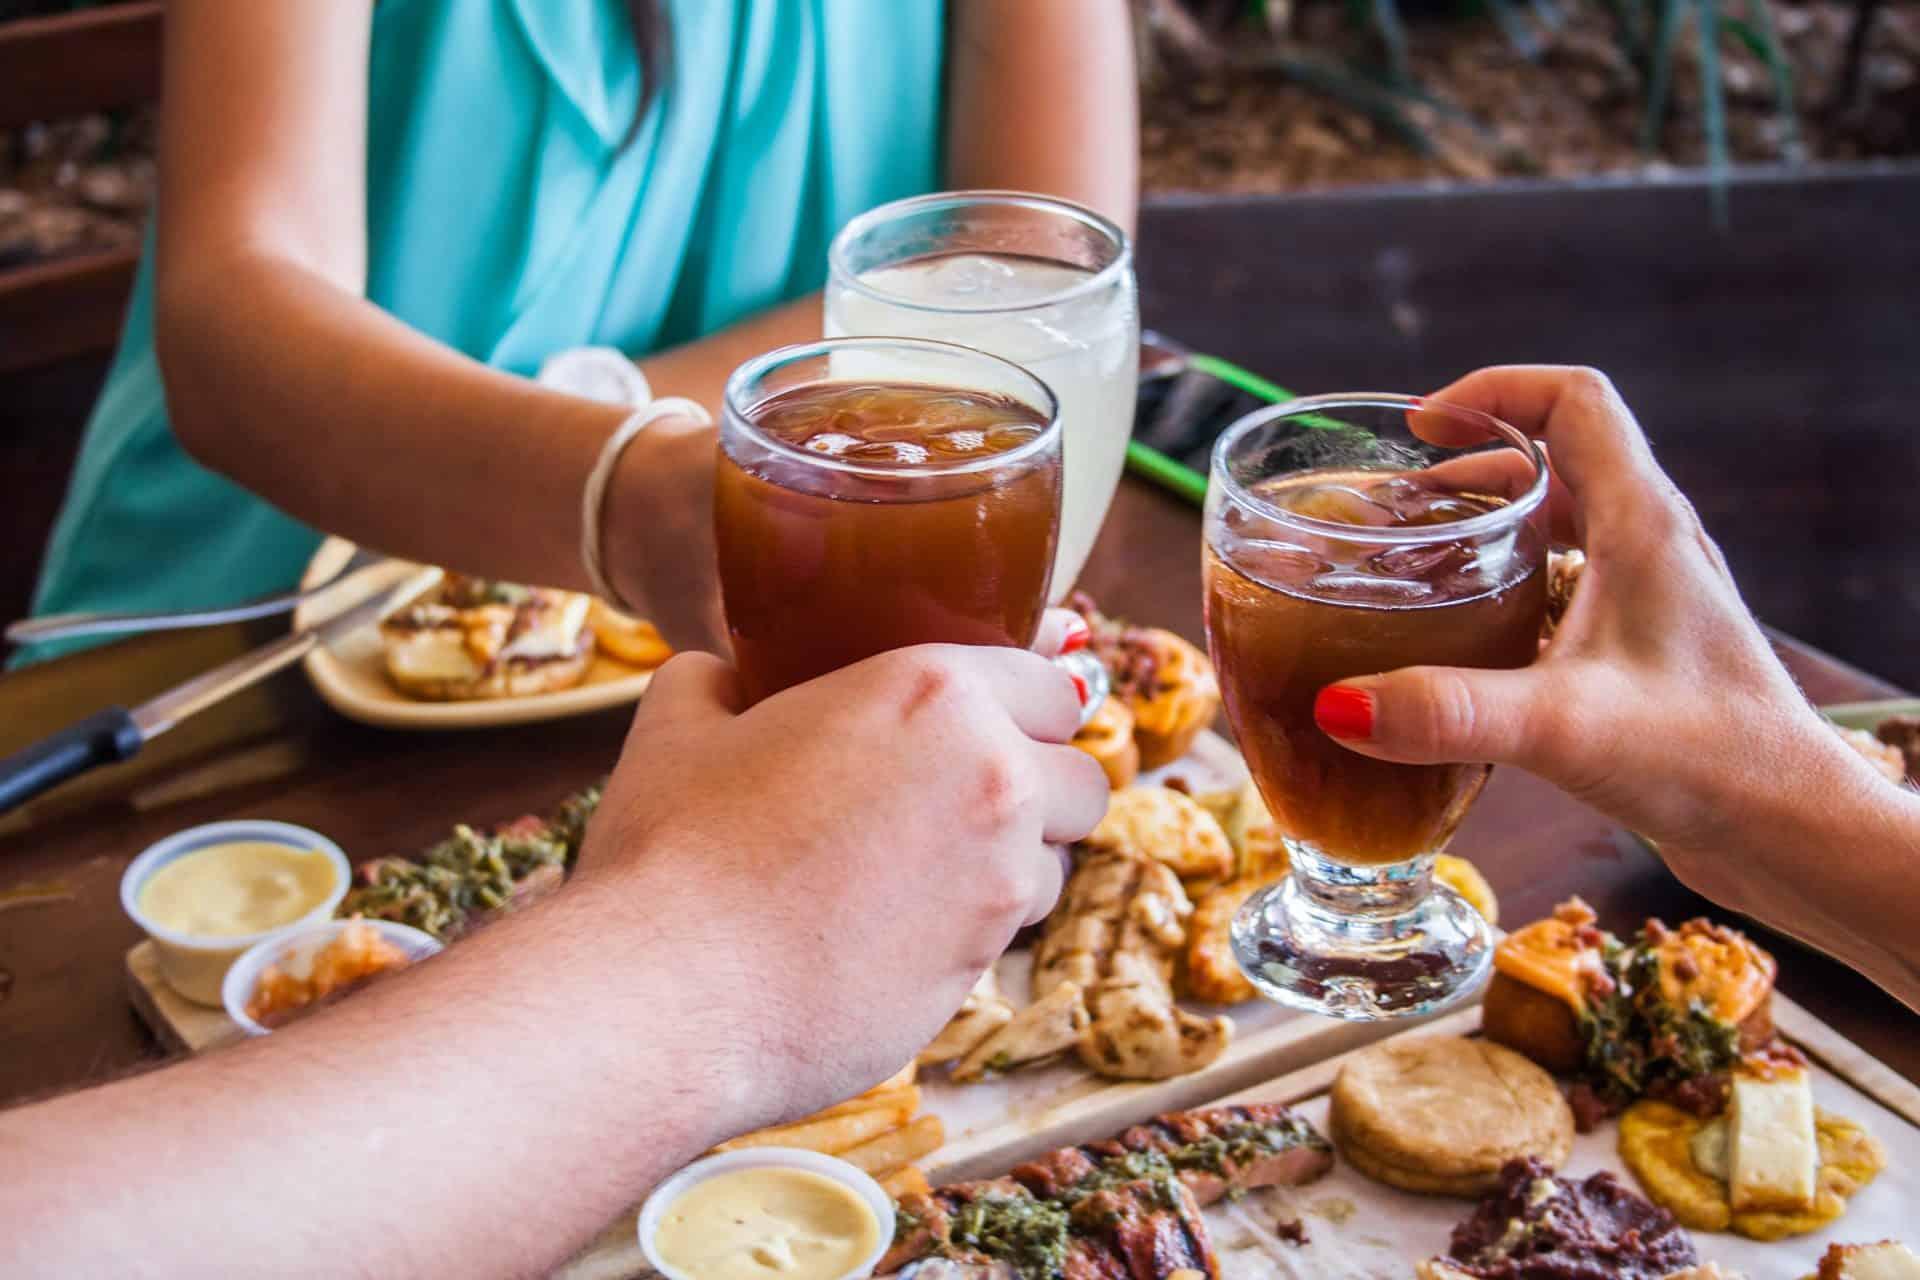 Descubra as mais adequadas bebidas para churrasco